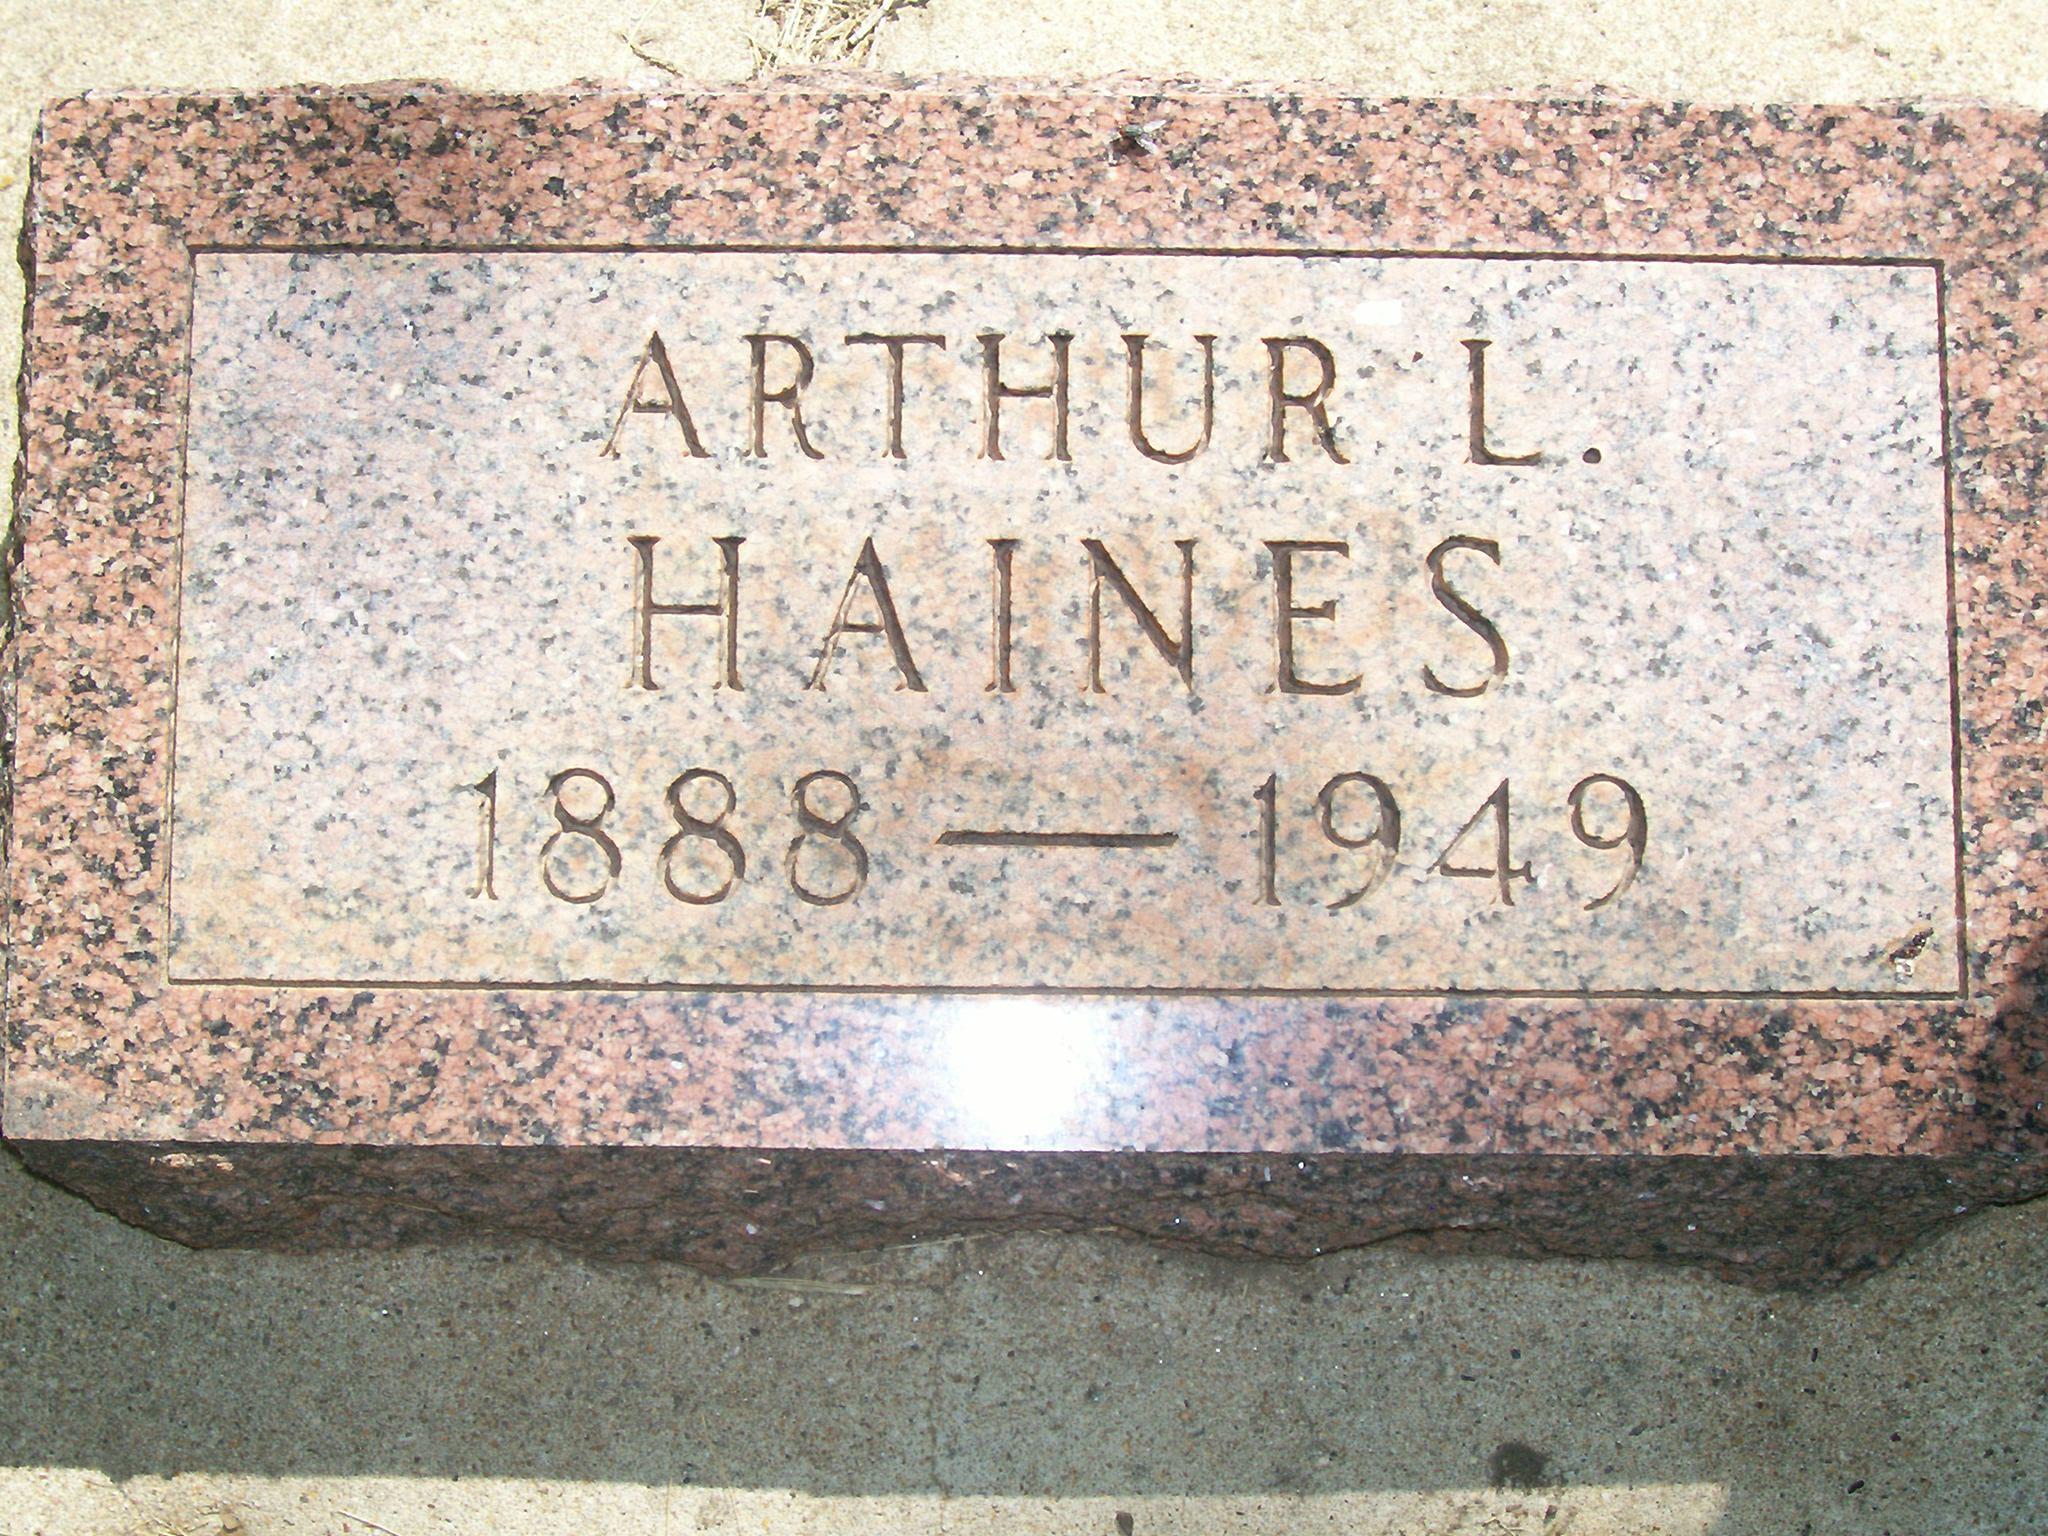 Leroy Haines